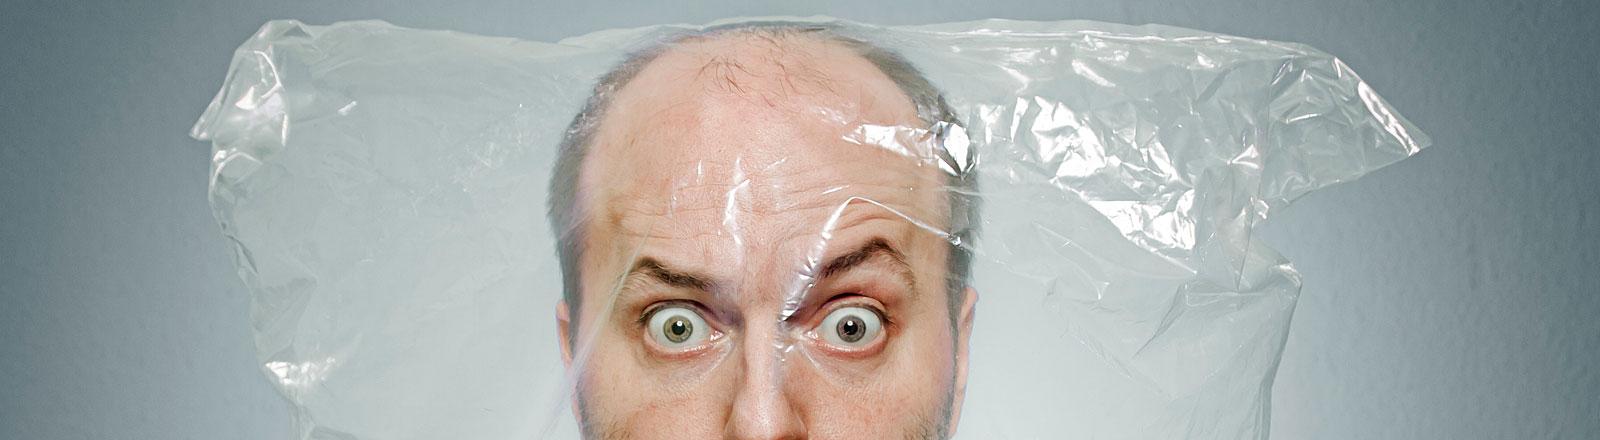 Mann mit Plastiktüte auf dem Kopf